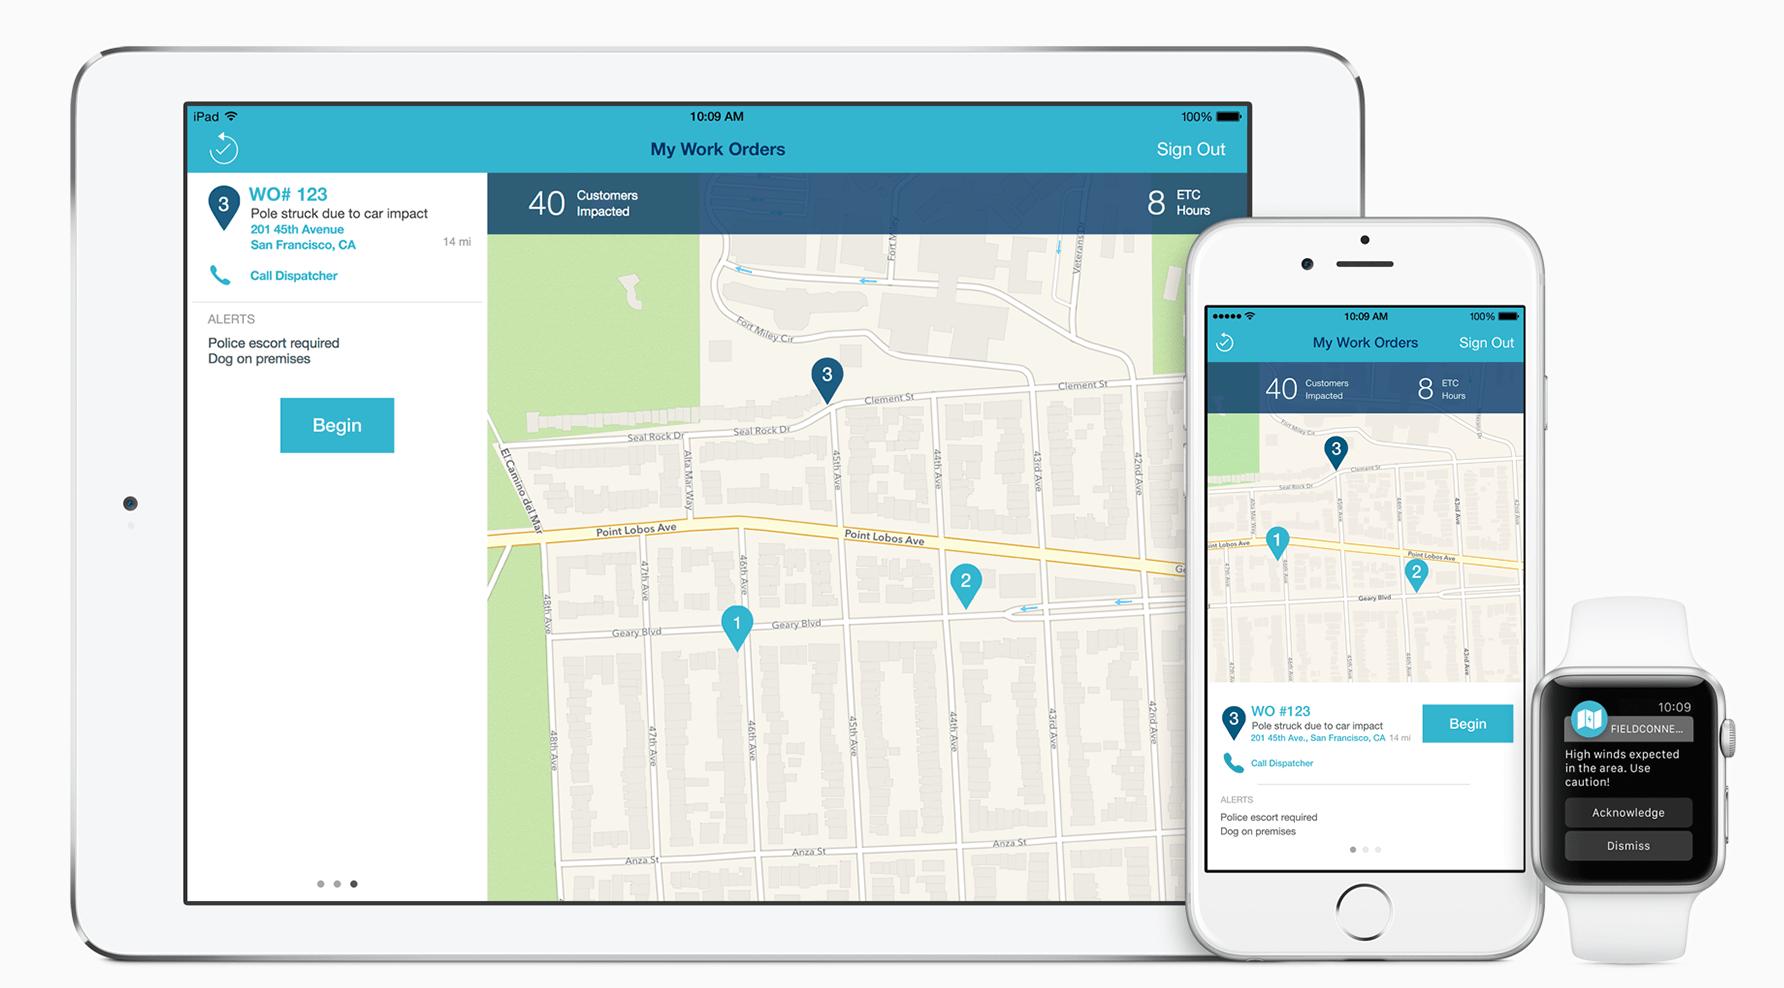 image014 - Apple Watch đẩy mạnh hỗ trợ các ứng dụng doanh nghiệp